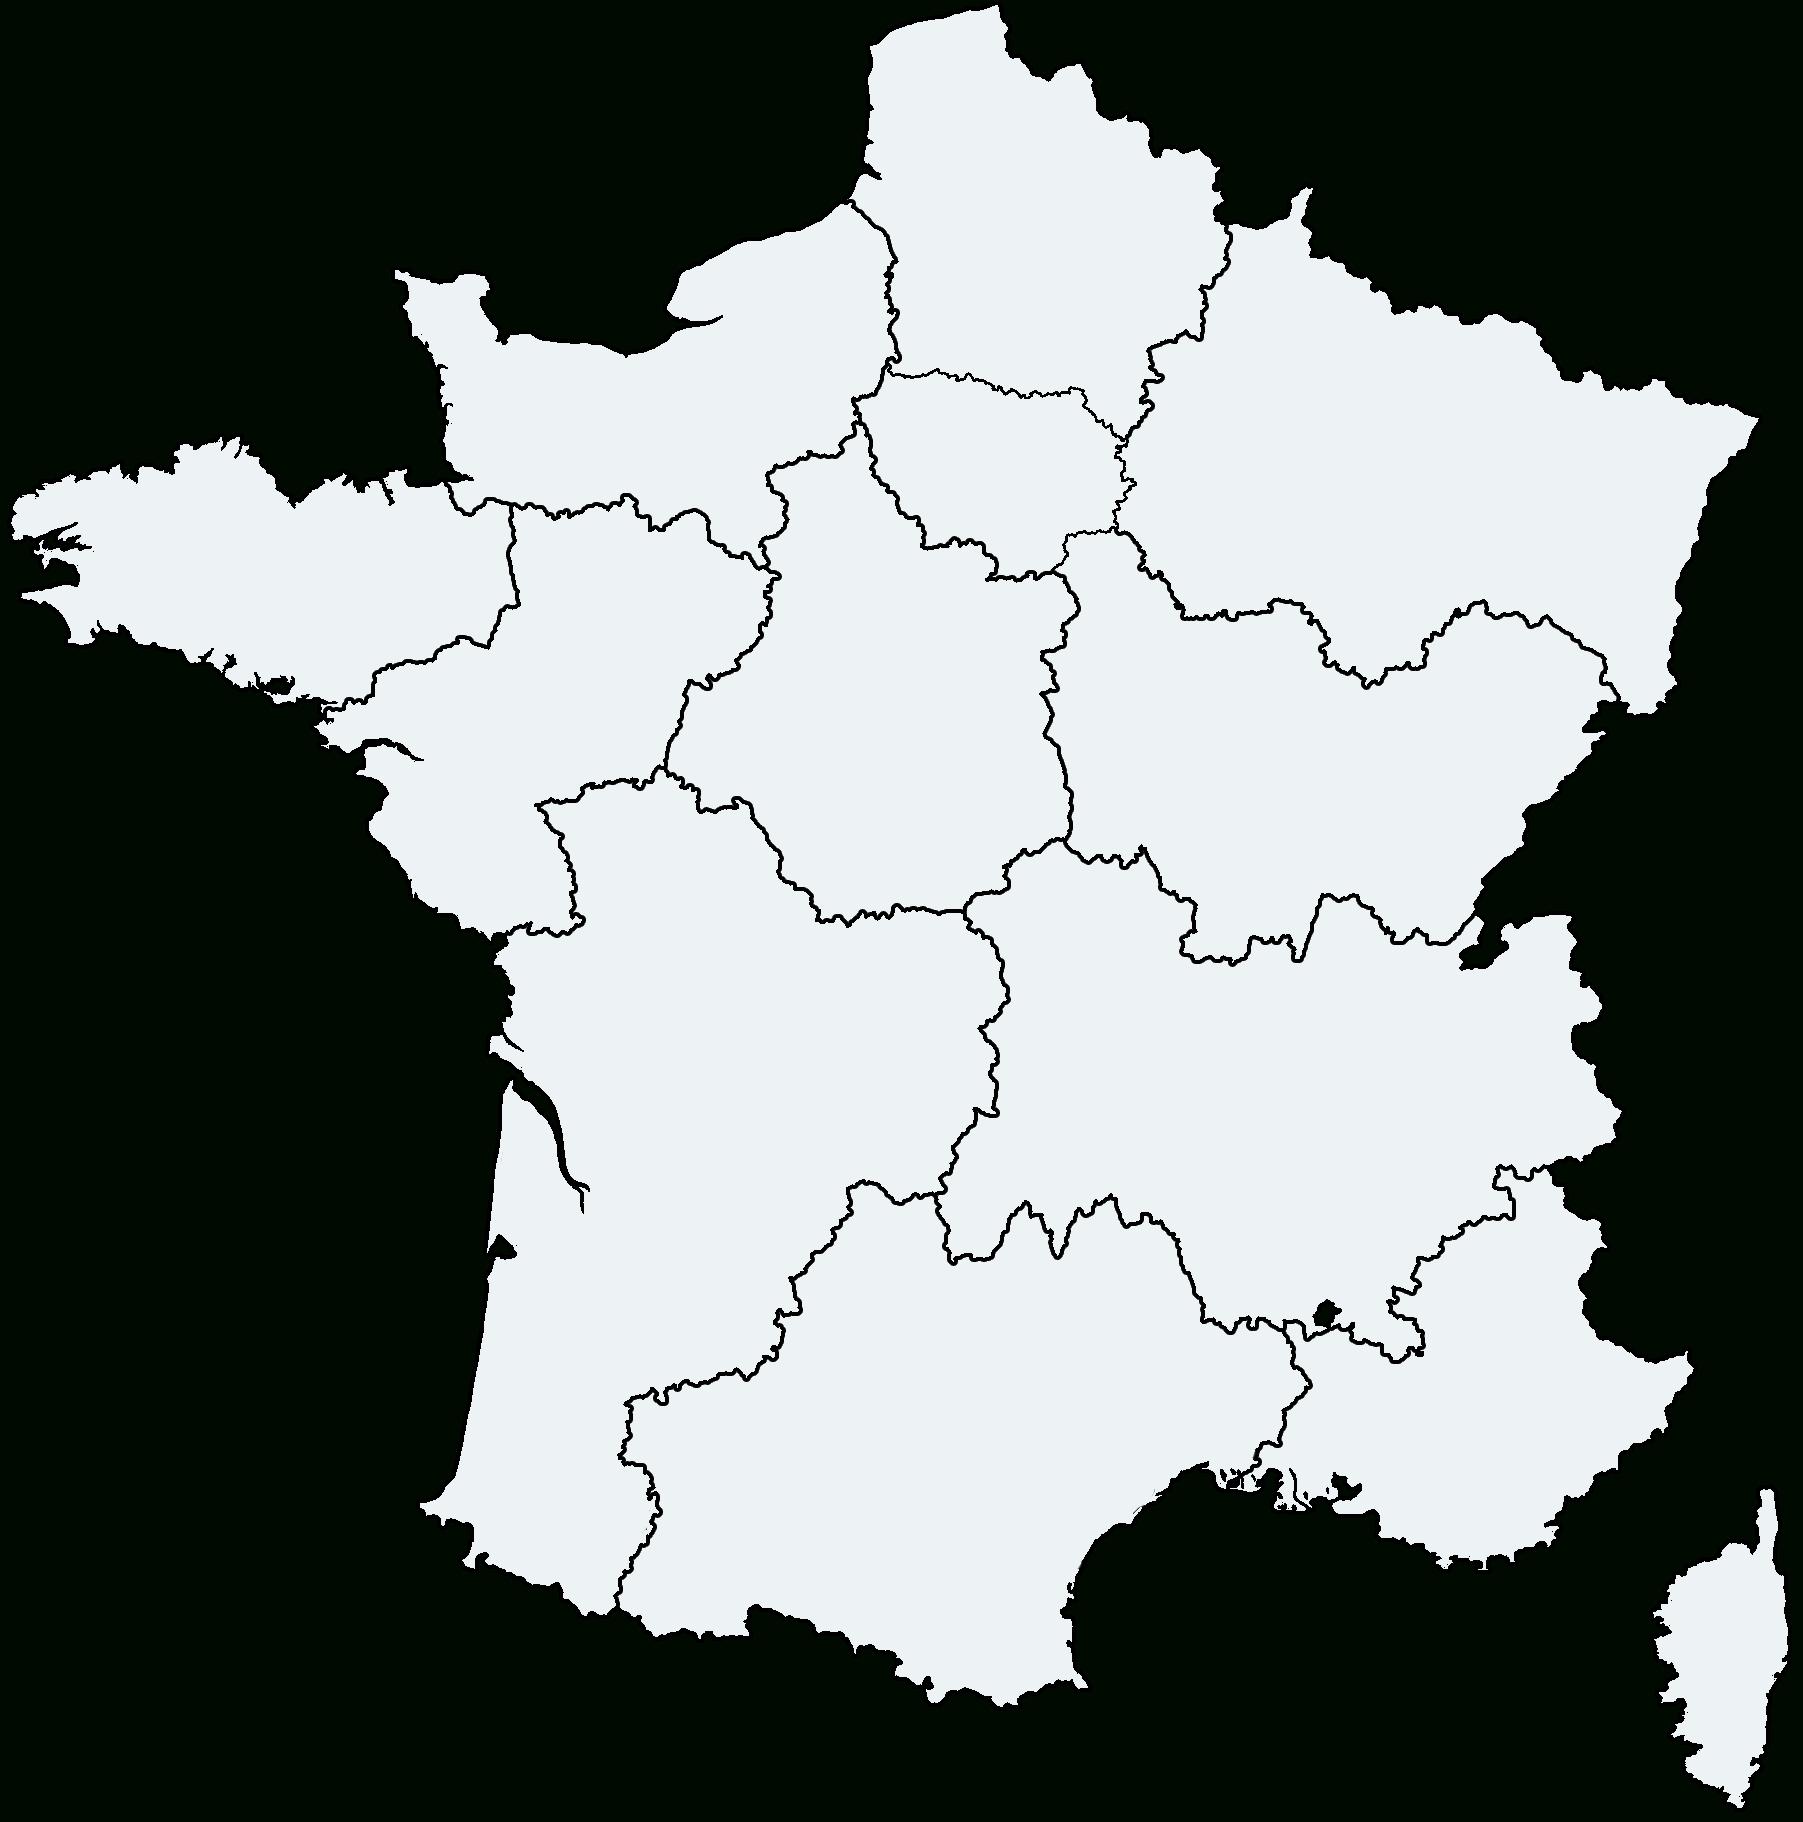 Placer Les Régions Sur La Carte Flashcards - Study With intérieur Carte Des Régions Françaises